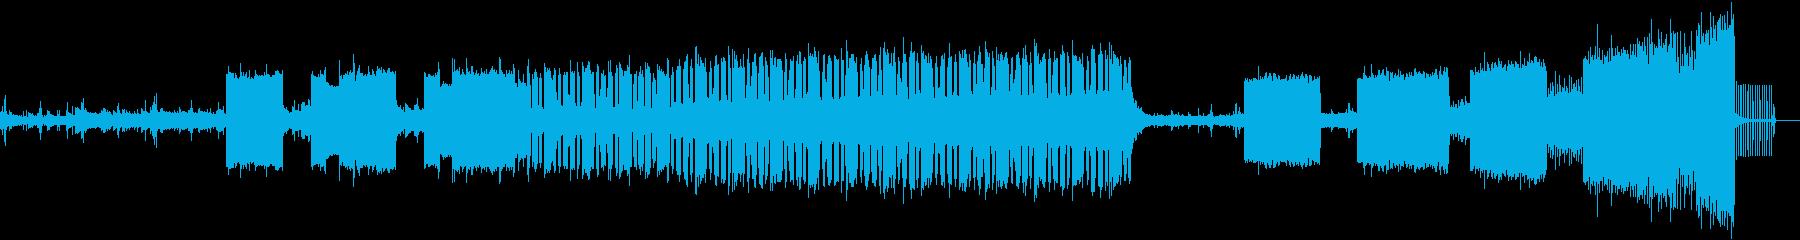 感傷的なピアノからクールなBeat 映画の再生済みの波形